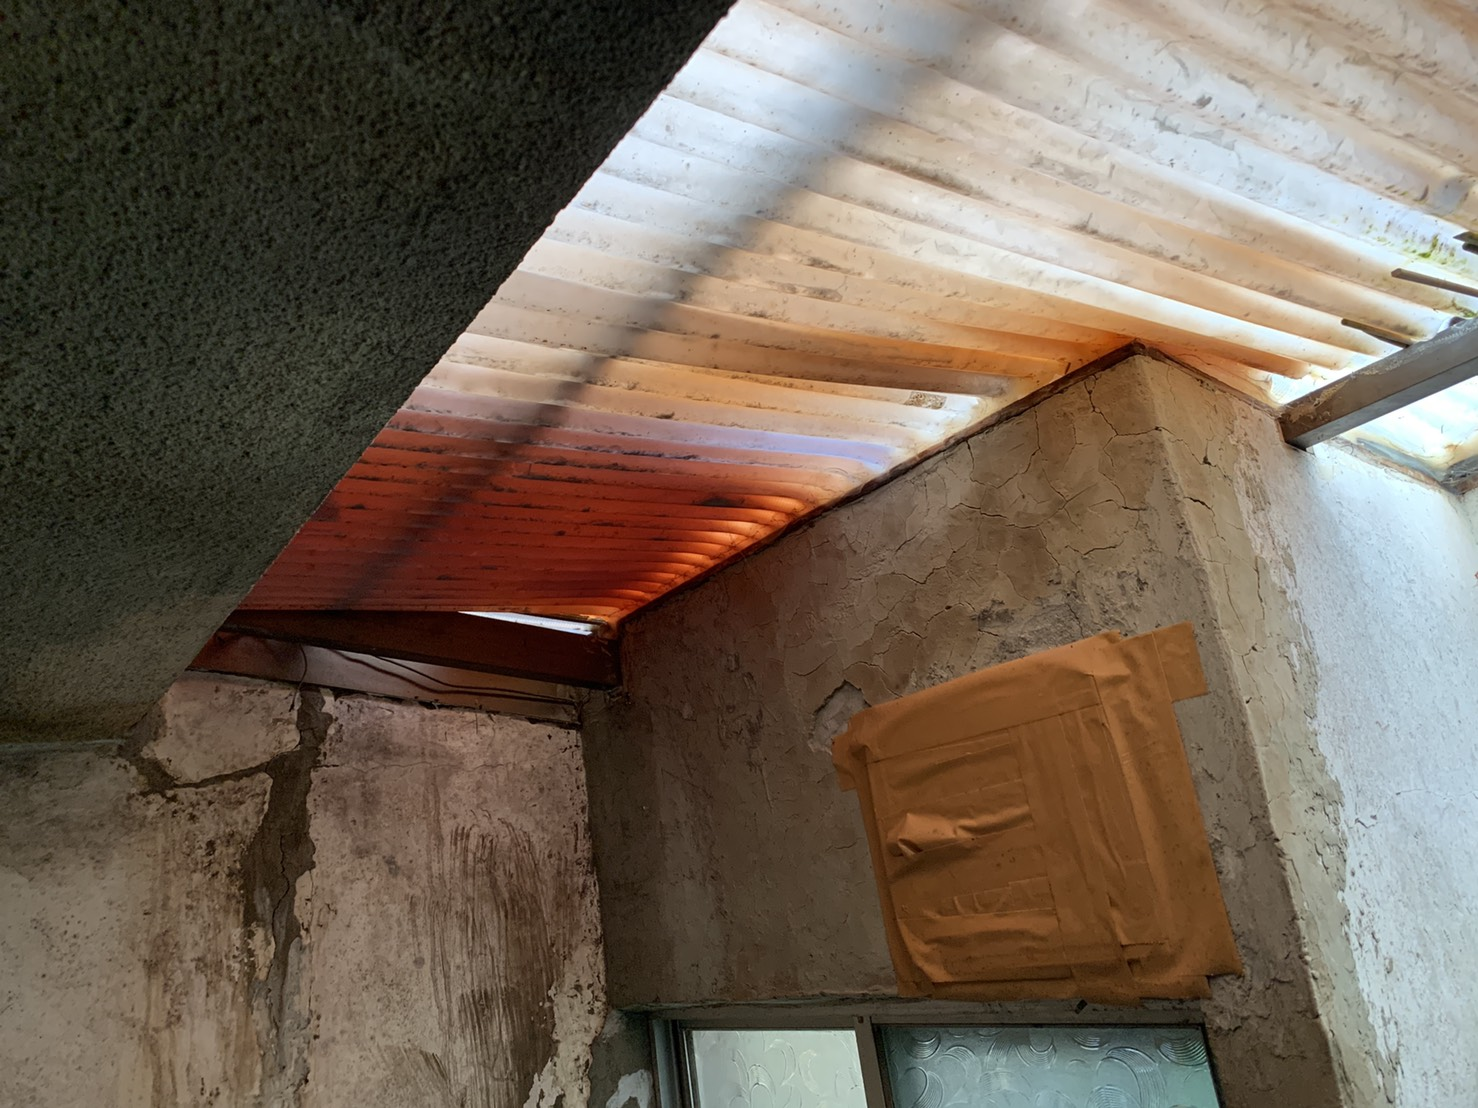 増築部分の屋根として使用されている波板